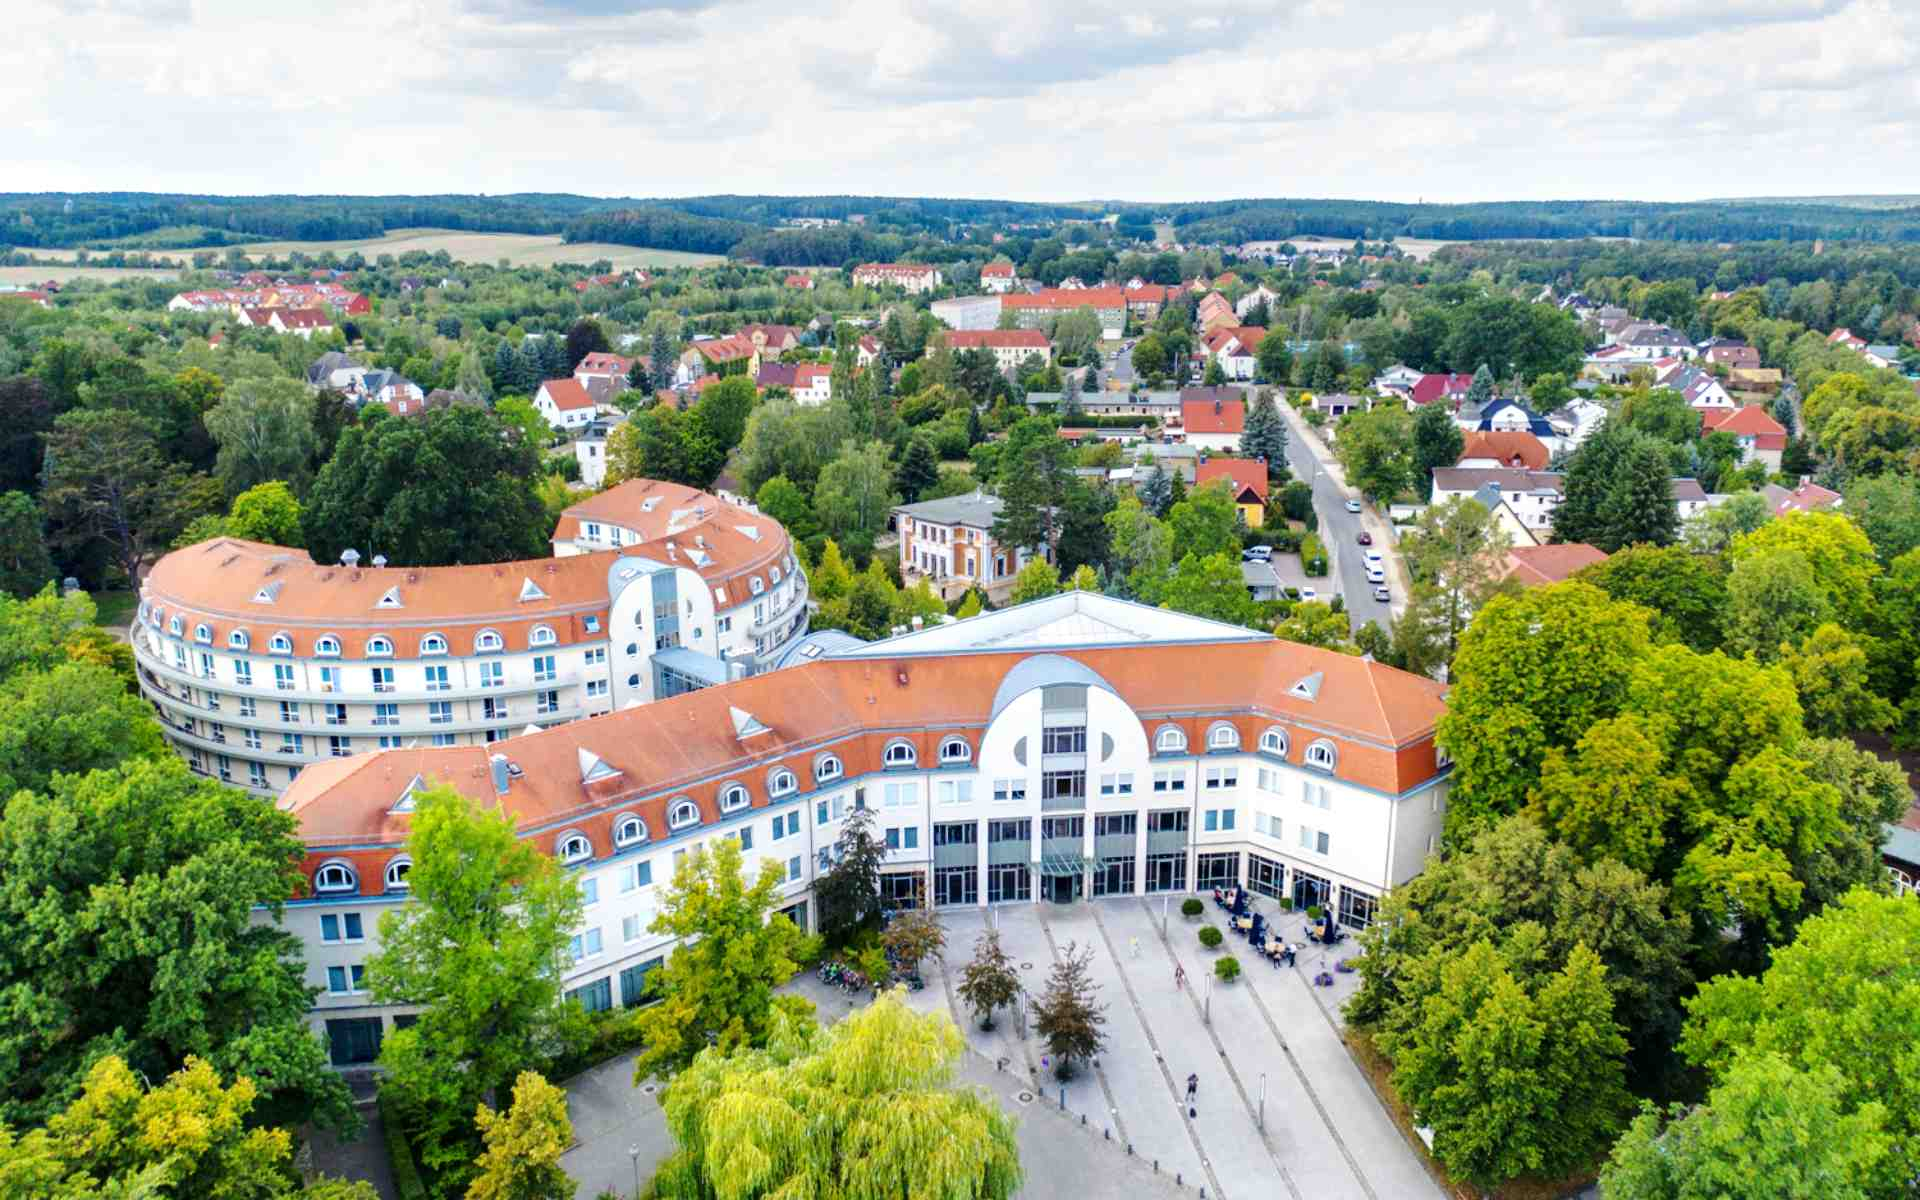 Eisenmoorbad